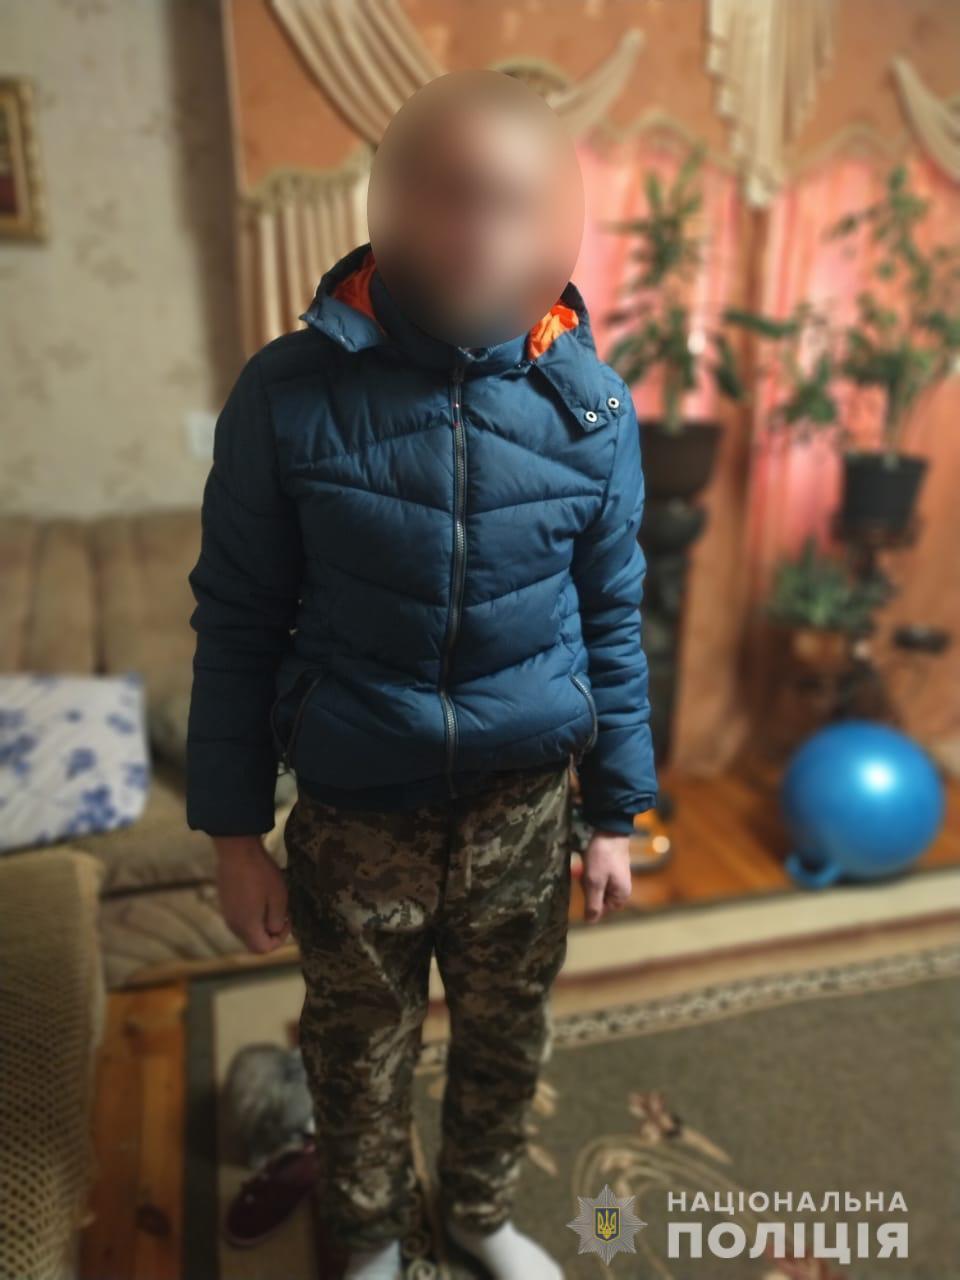 В Вышгороде произошло убийство. Тело нашли в недостроенном здании